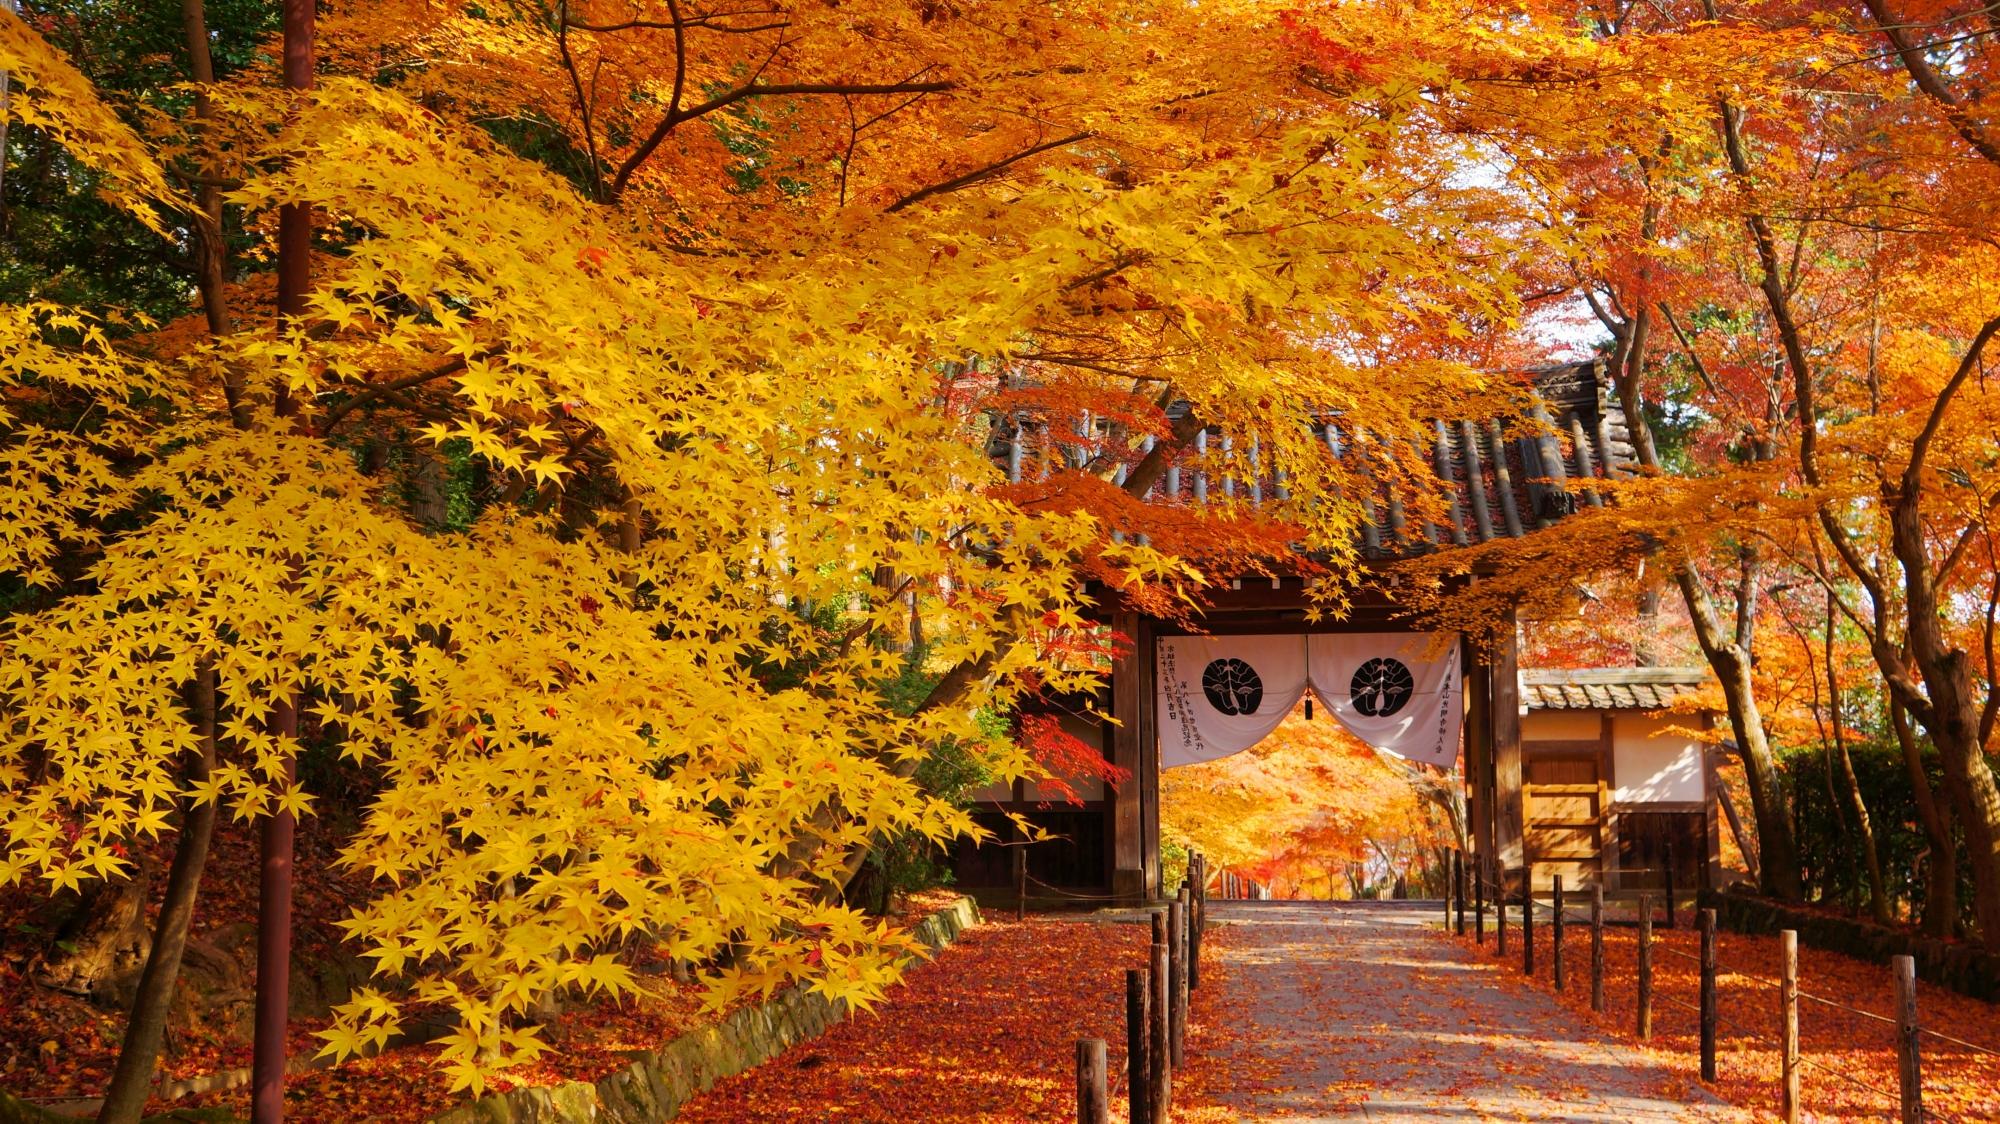 黄色い絶品の紅葉が華やぐ参道と薬医門